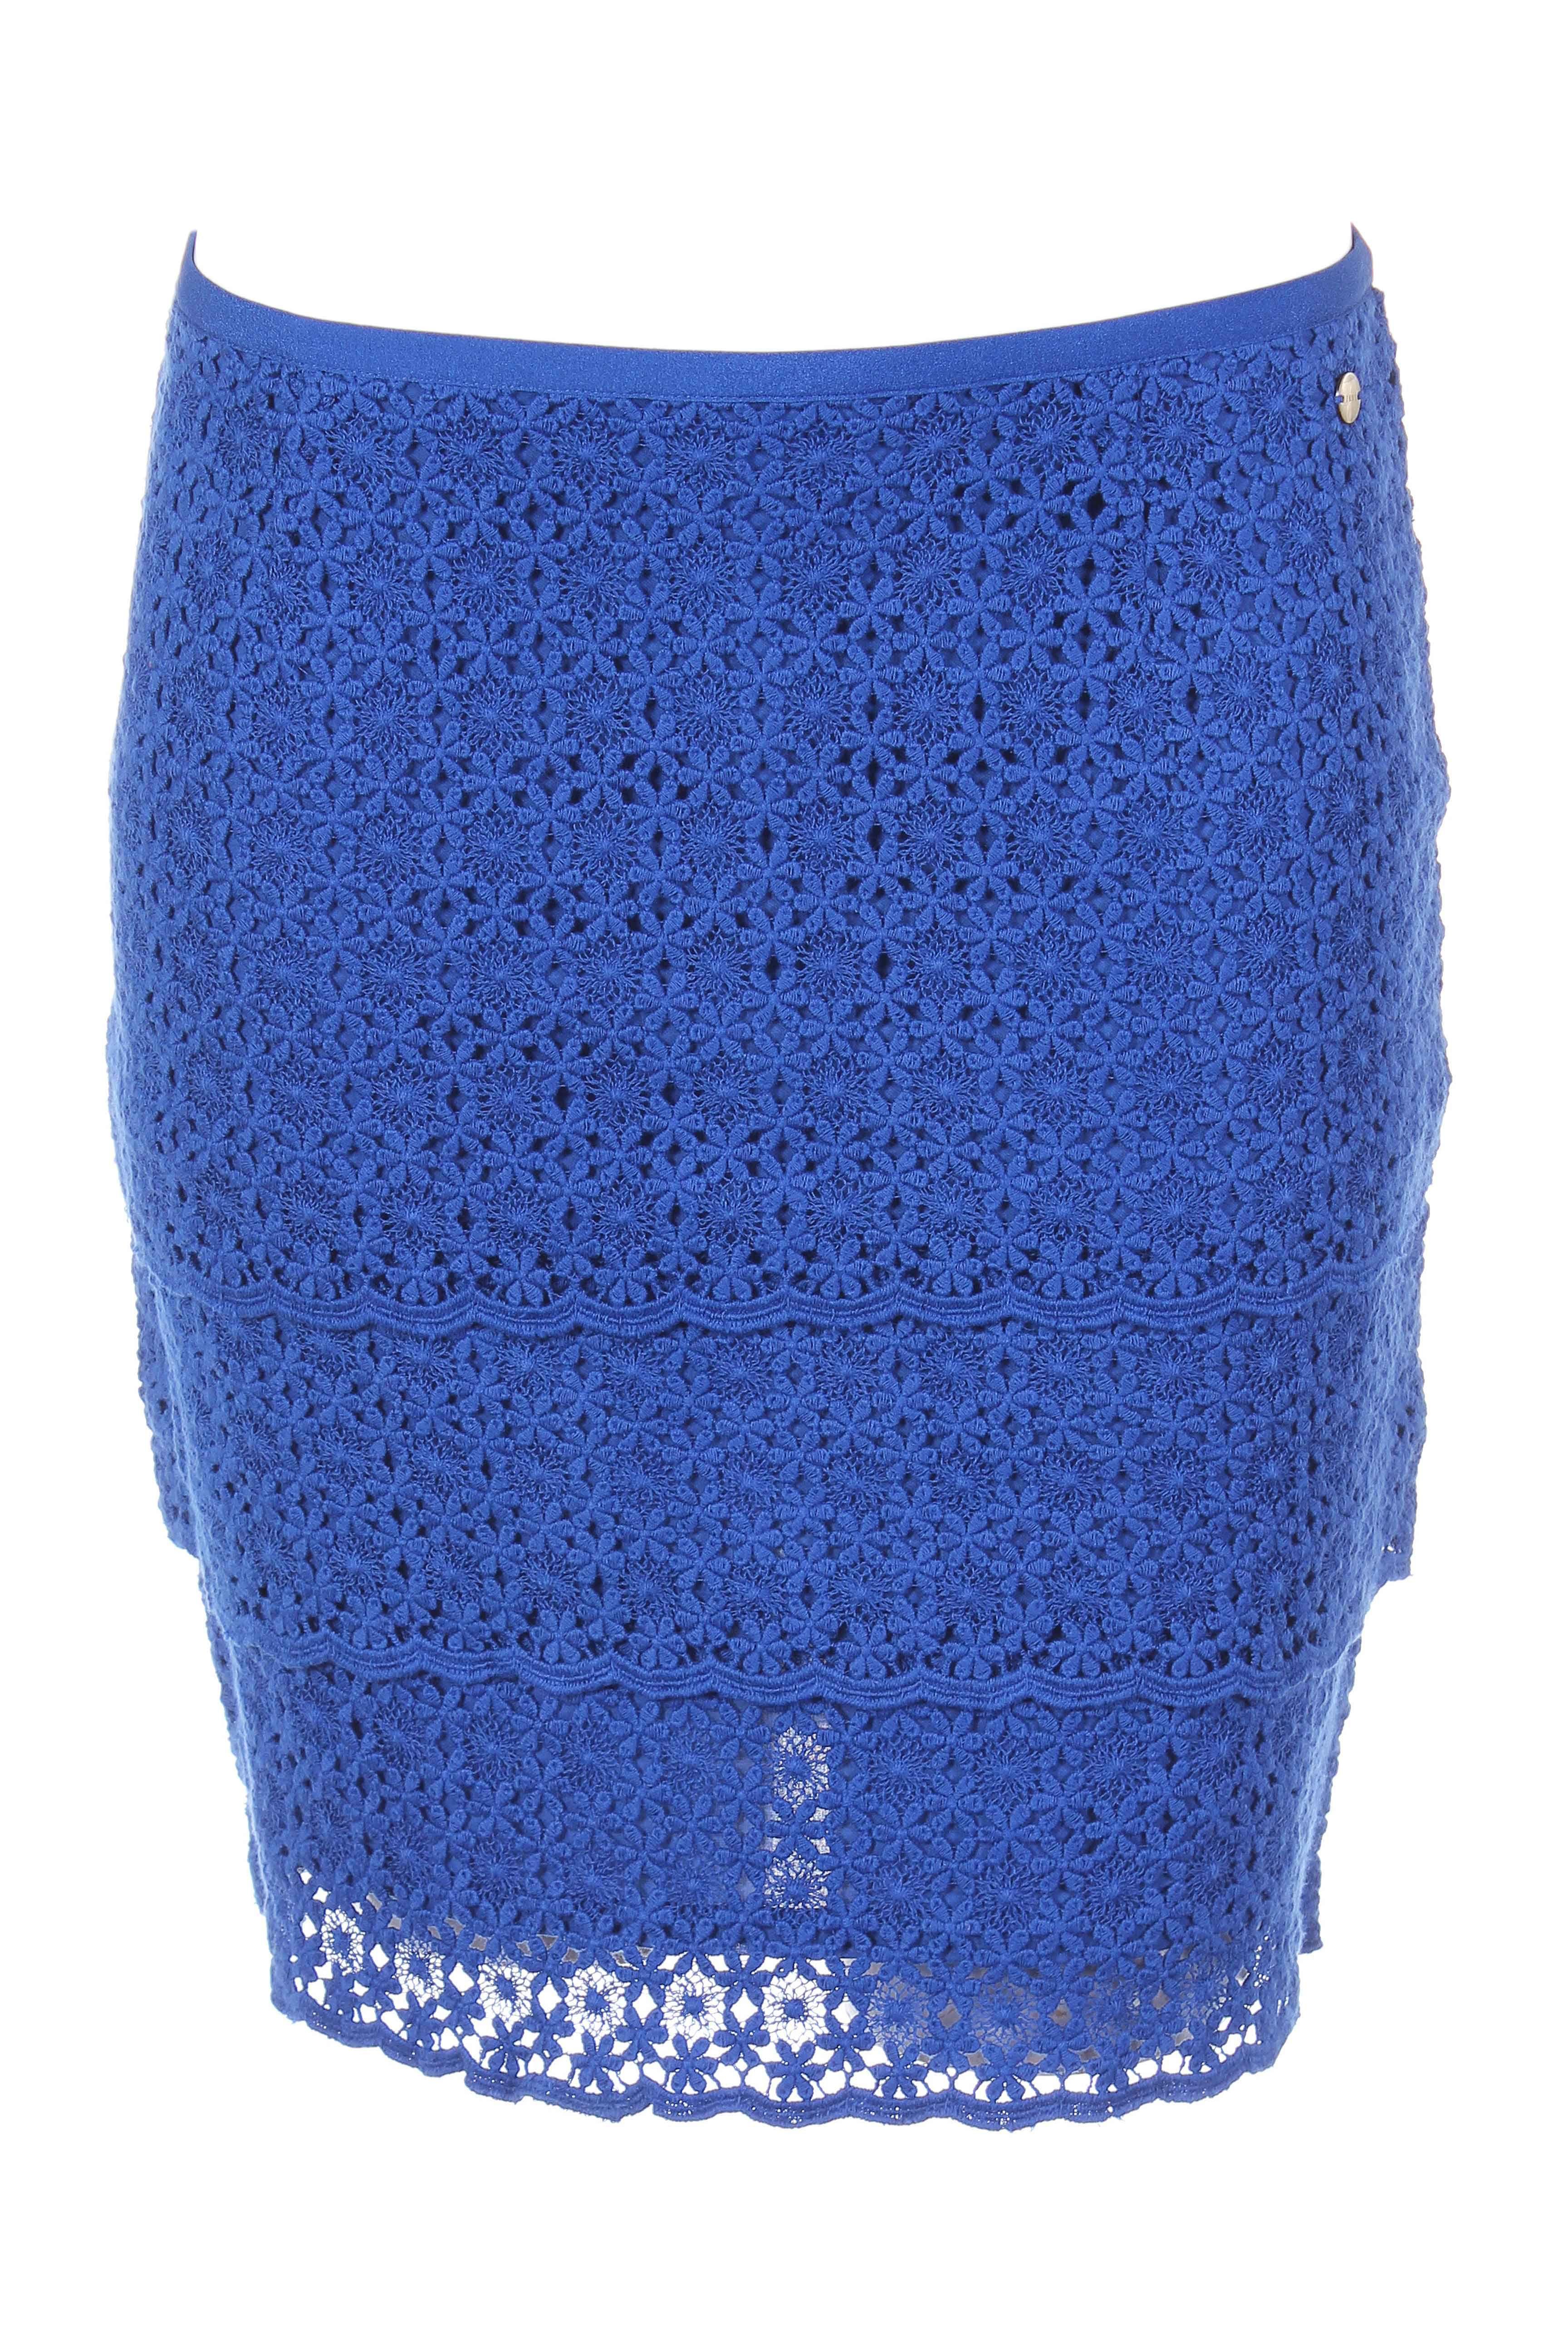 Modz vous offre les meilleures jupes courtes IKKS pour femme en promotion.  Achetez vos Jupes courtes IKKS pour femme en soldes et pas cher toute  l année. 0cd23136812